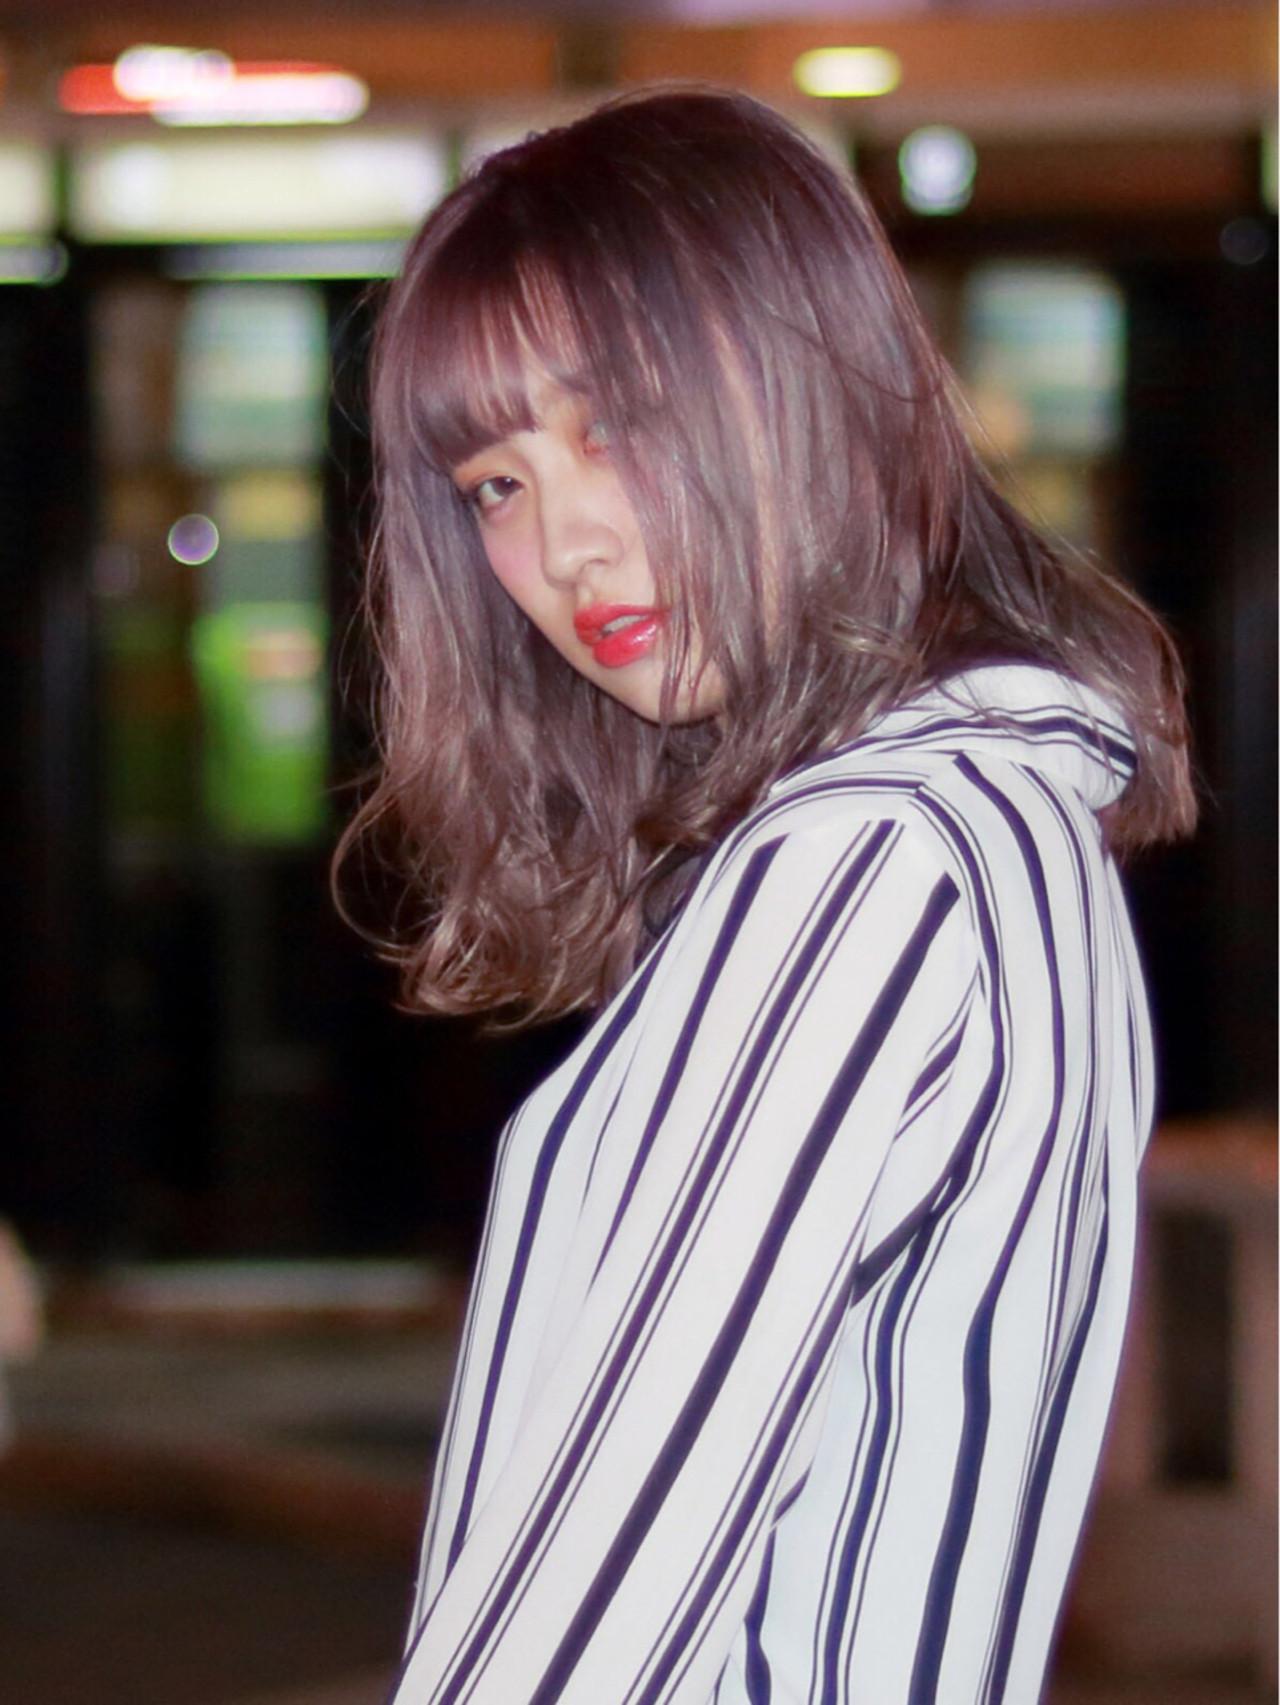 アッシュ グレー ミディアム ストリート ヘアスタイルや髪型の写真・画像 | フクダ ショウヘイ / AERBEN豊浜店